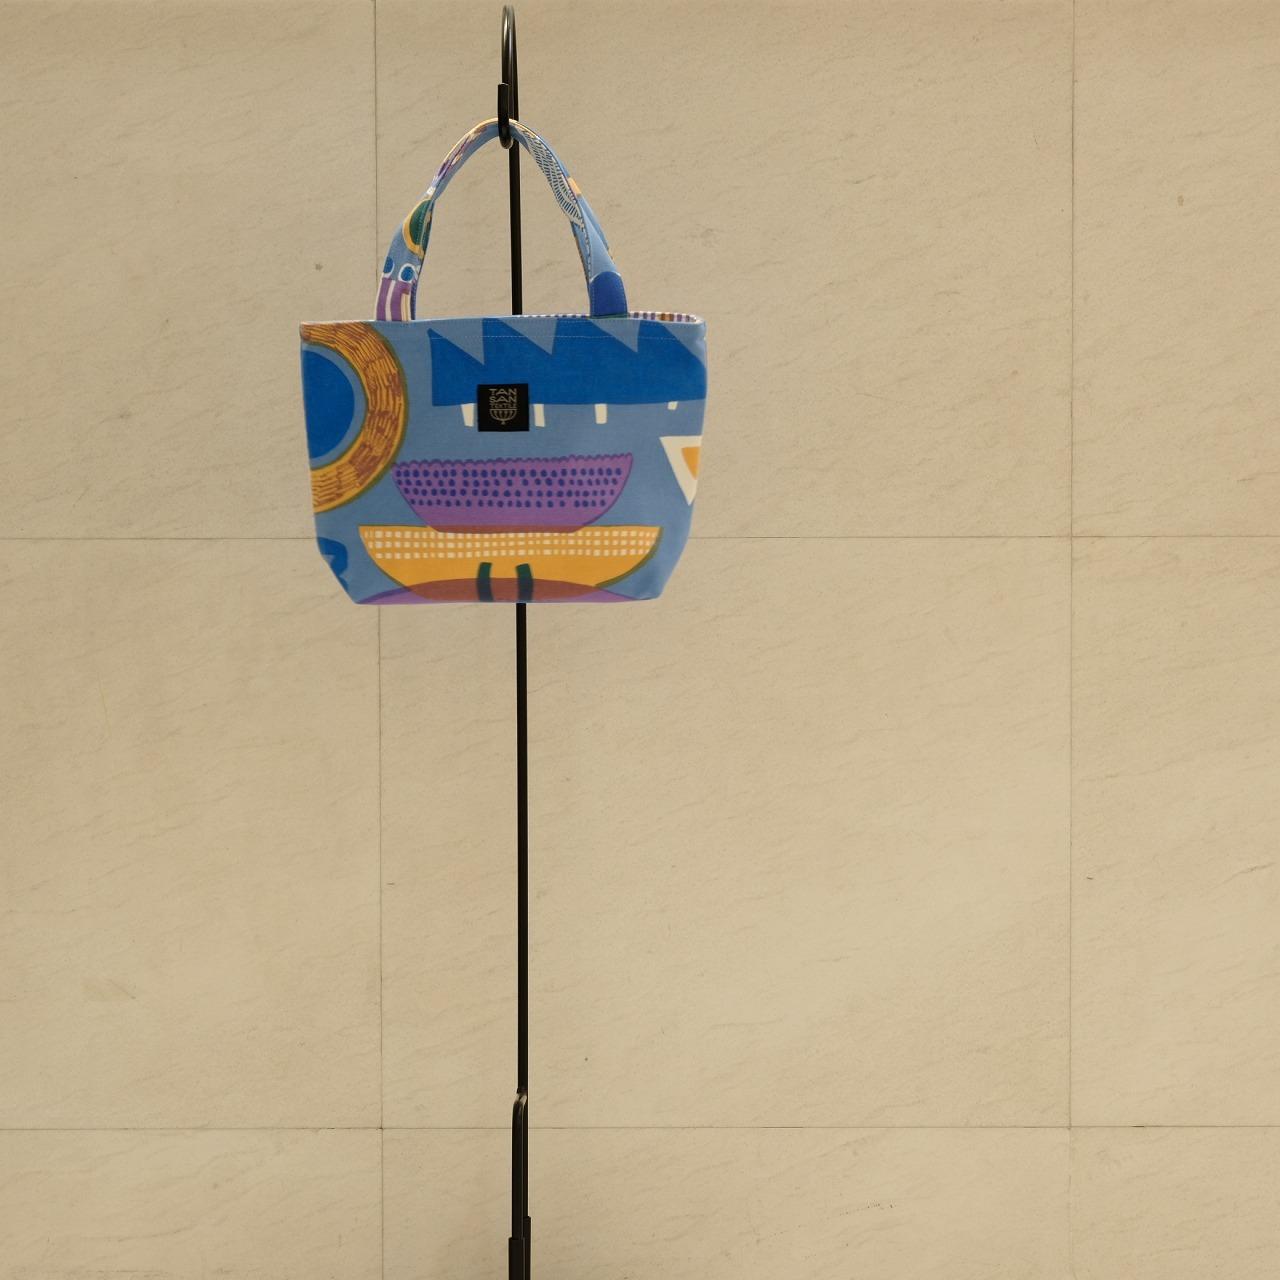 炭酸デザイン室 オンライン展示会 ランチトートバッグ_d0182409_17433529.jpg